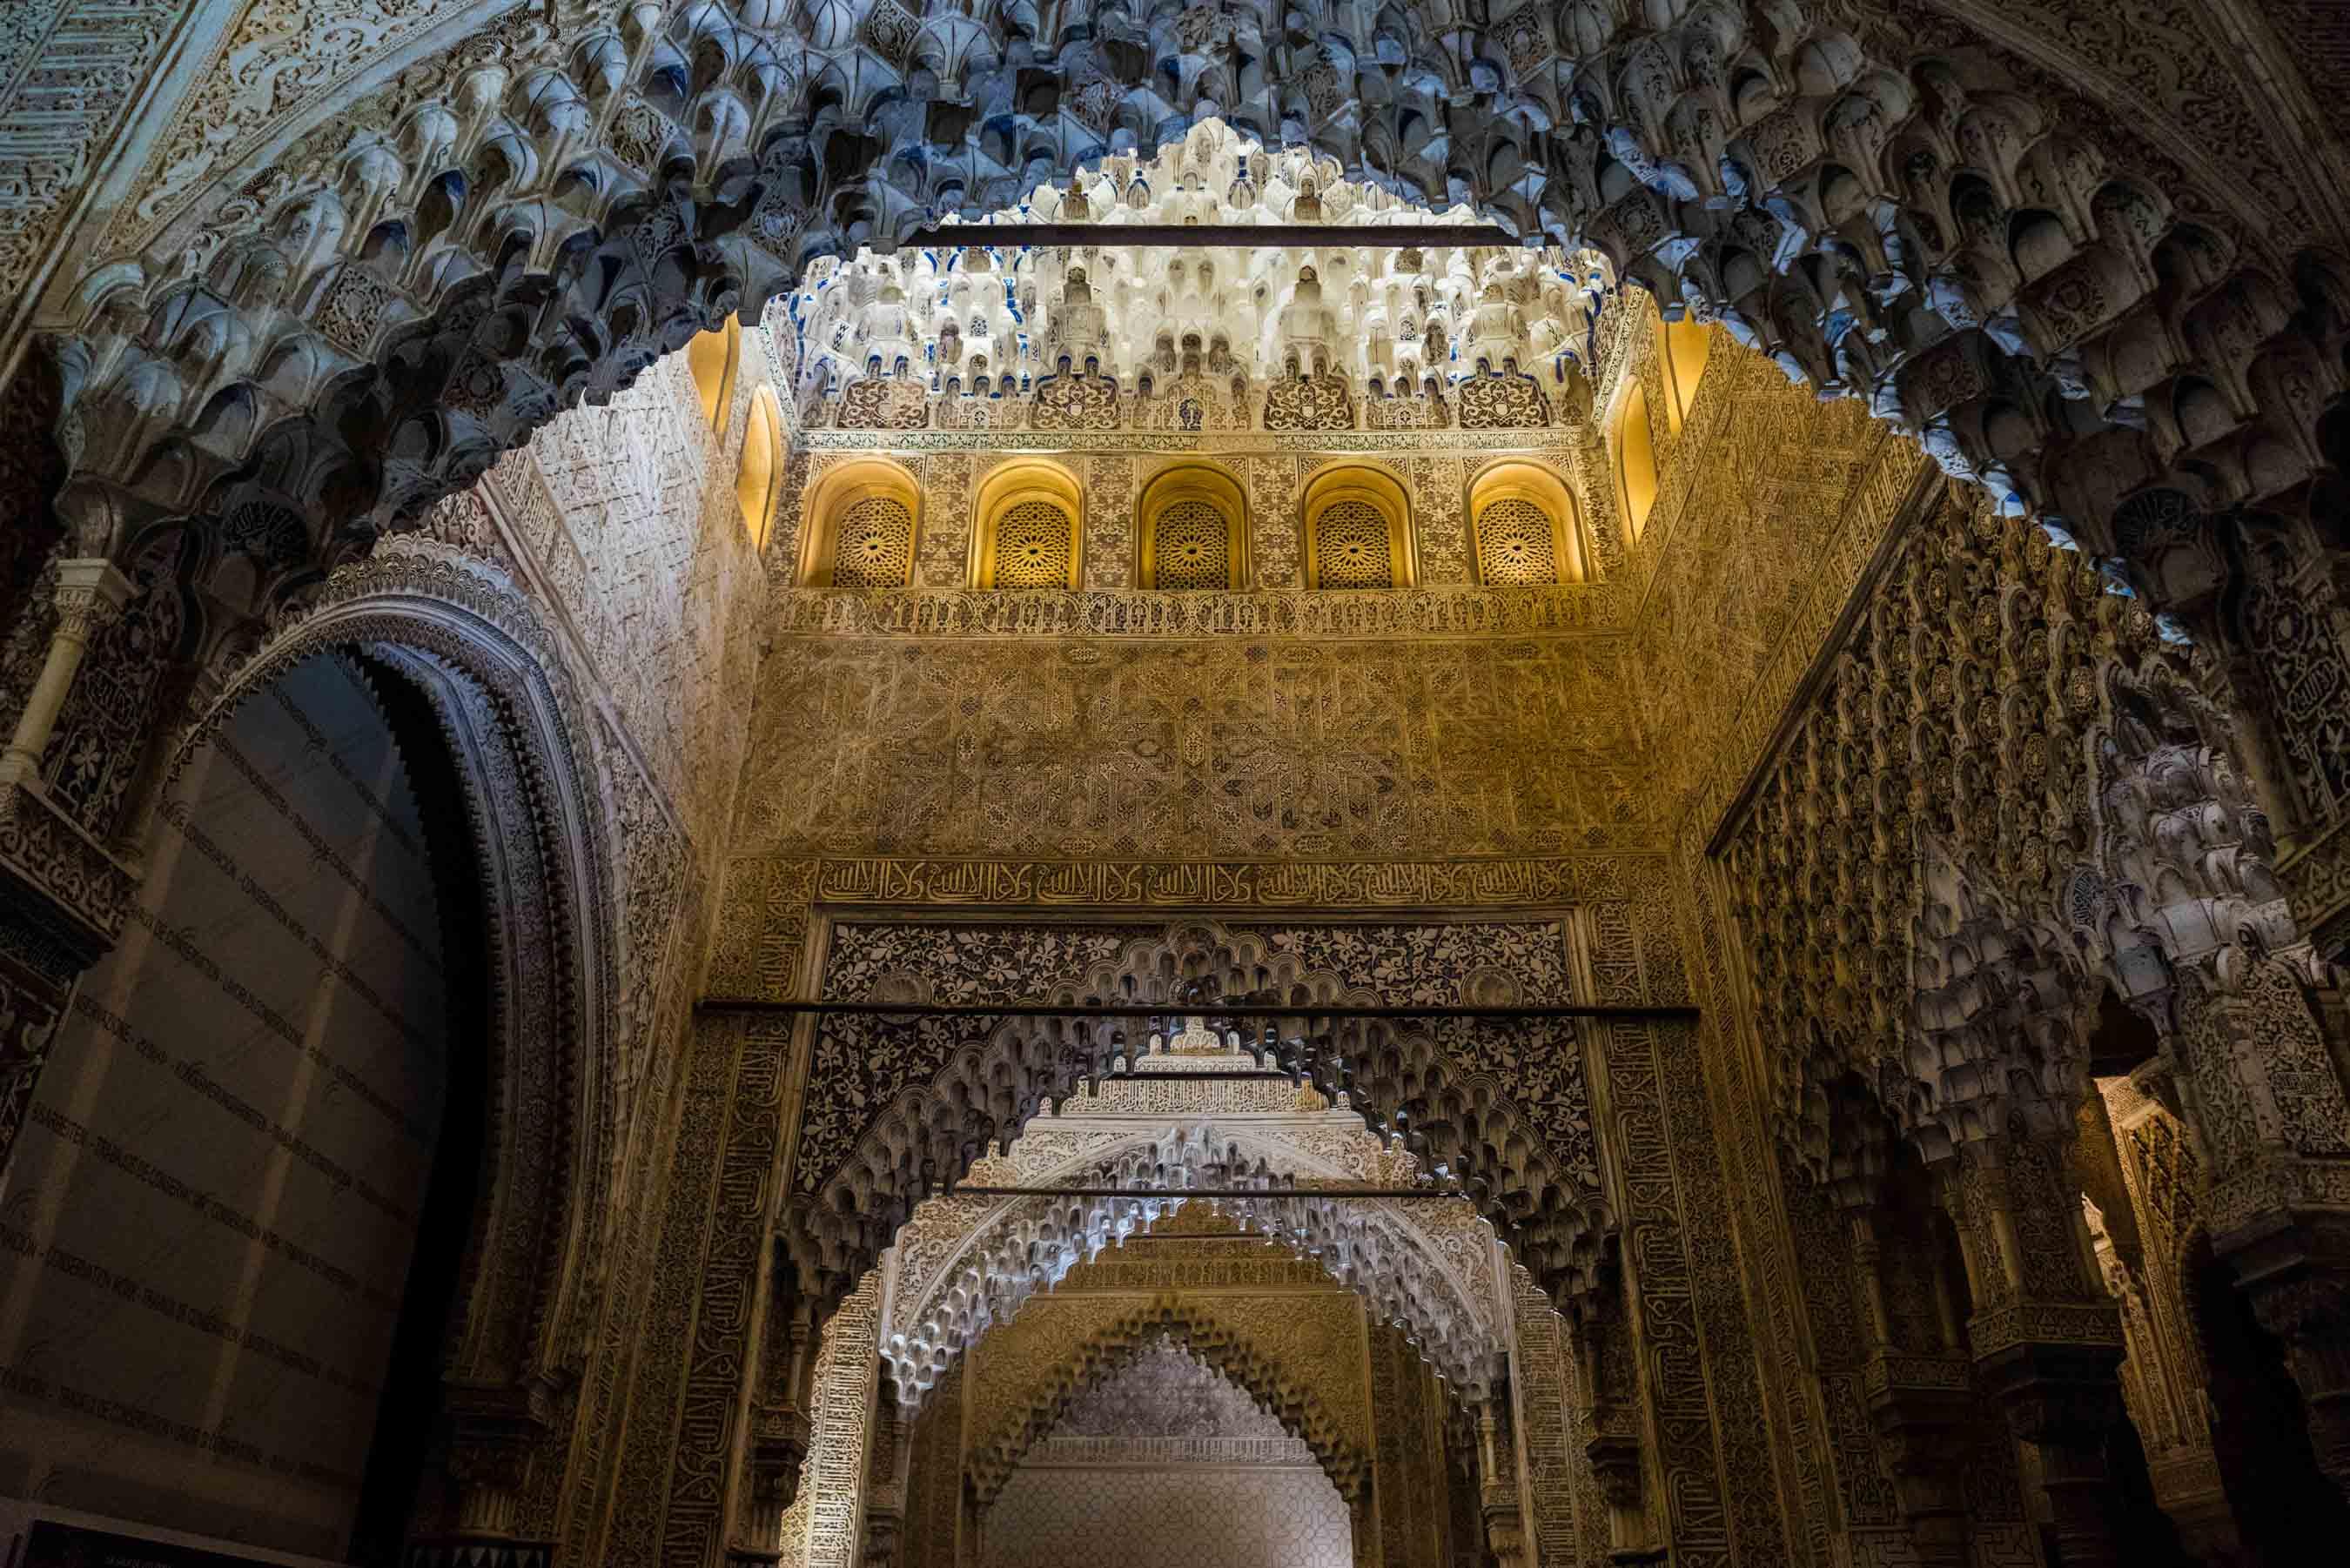 Granada Alhambra - by night details 5